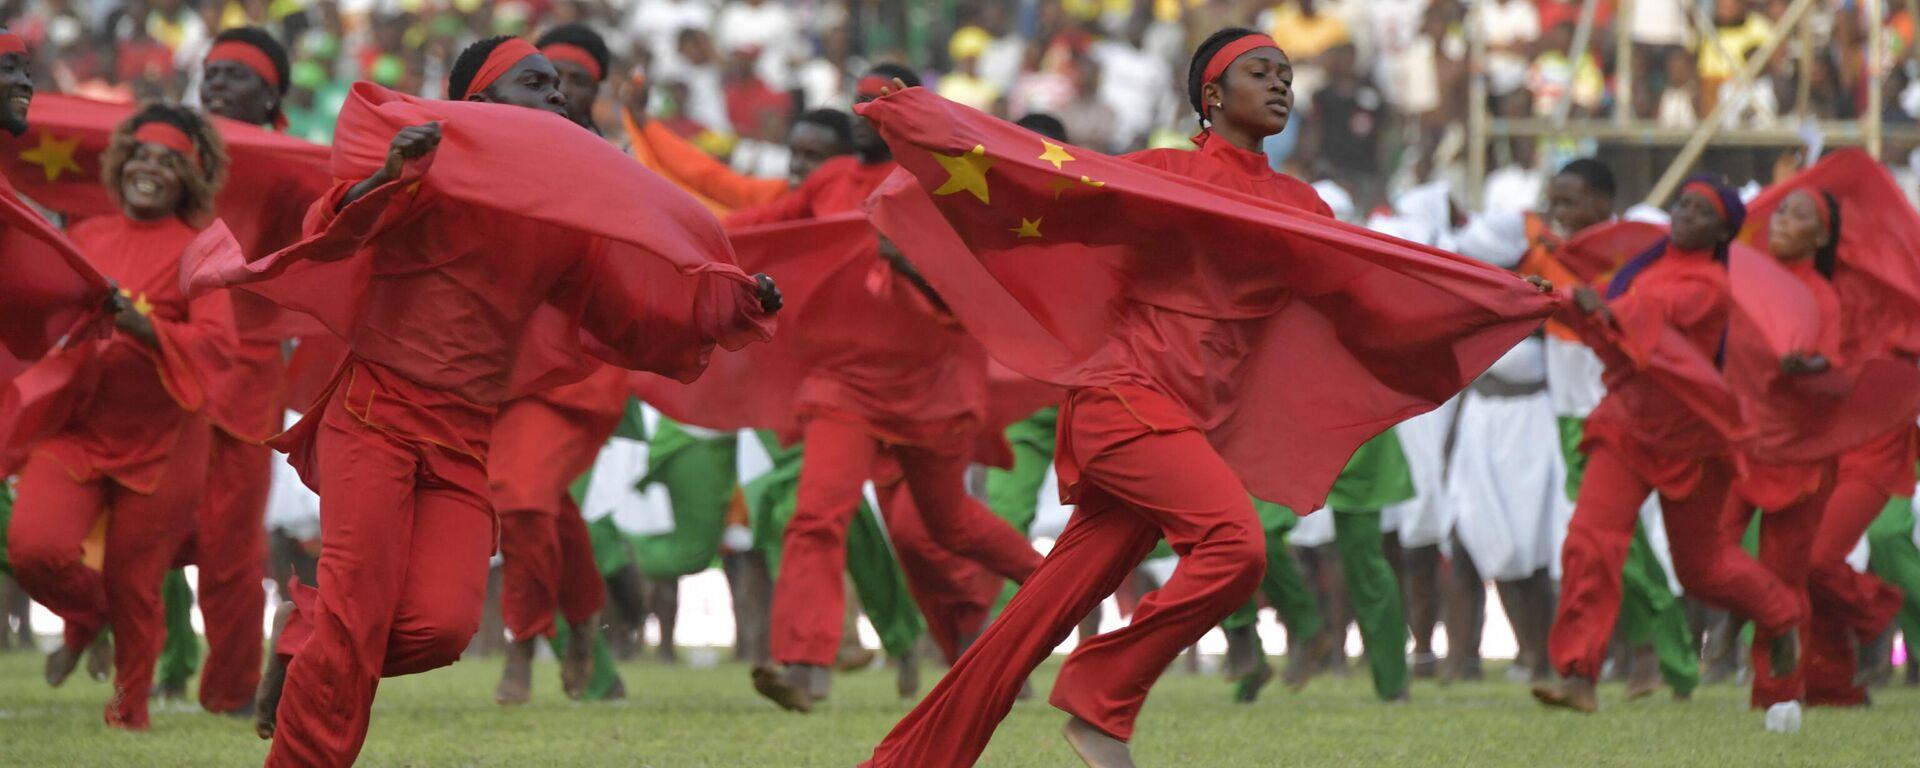 Eröffnungszeremonie eines neuen Stadions in Abidjan (Archivbild) - SNA, 1920, 22.05.2021